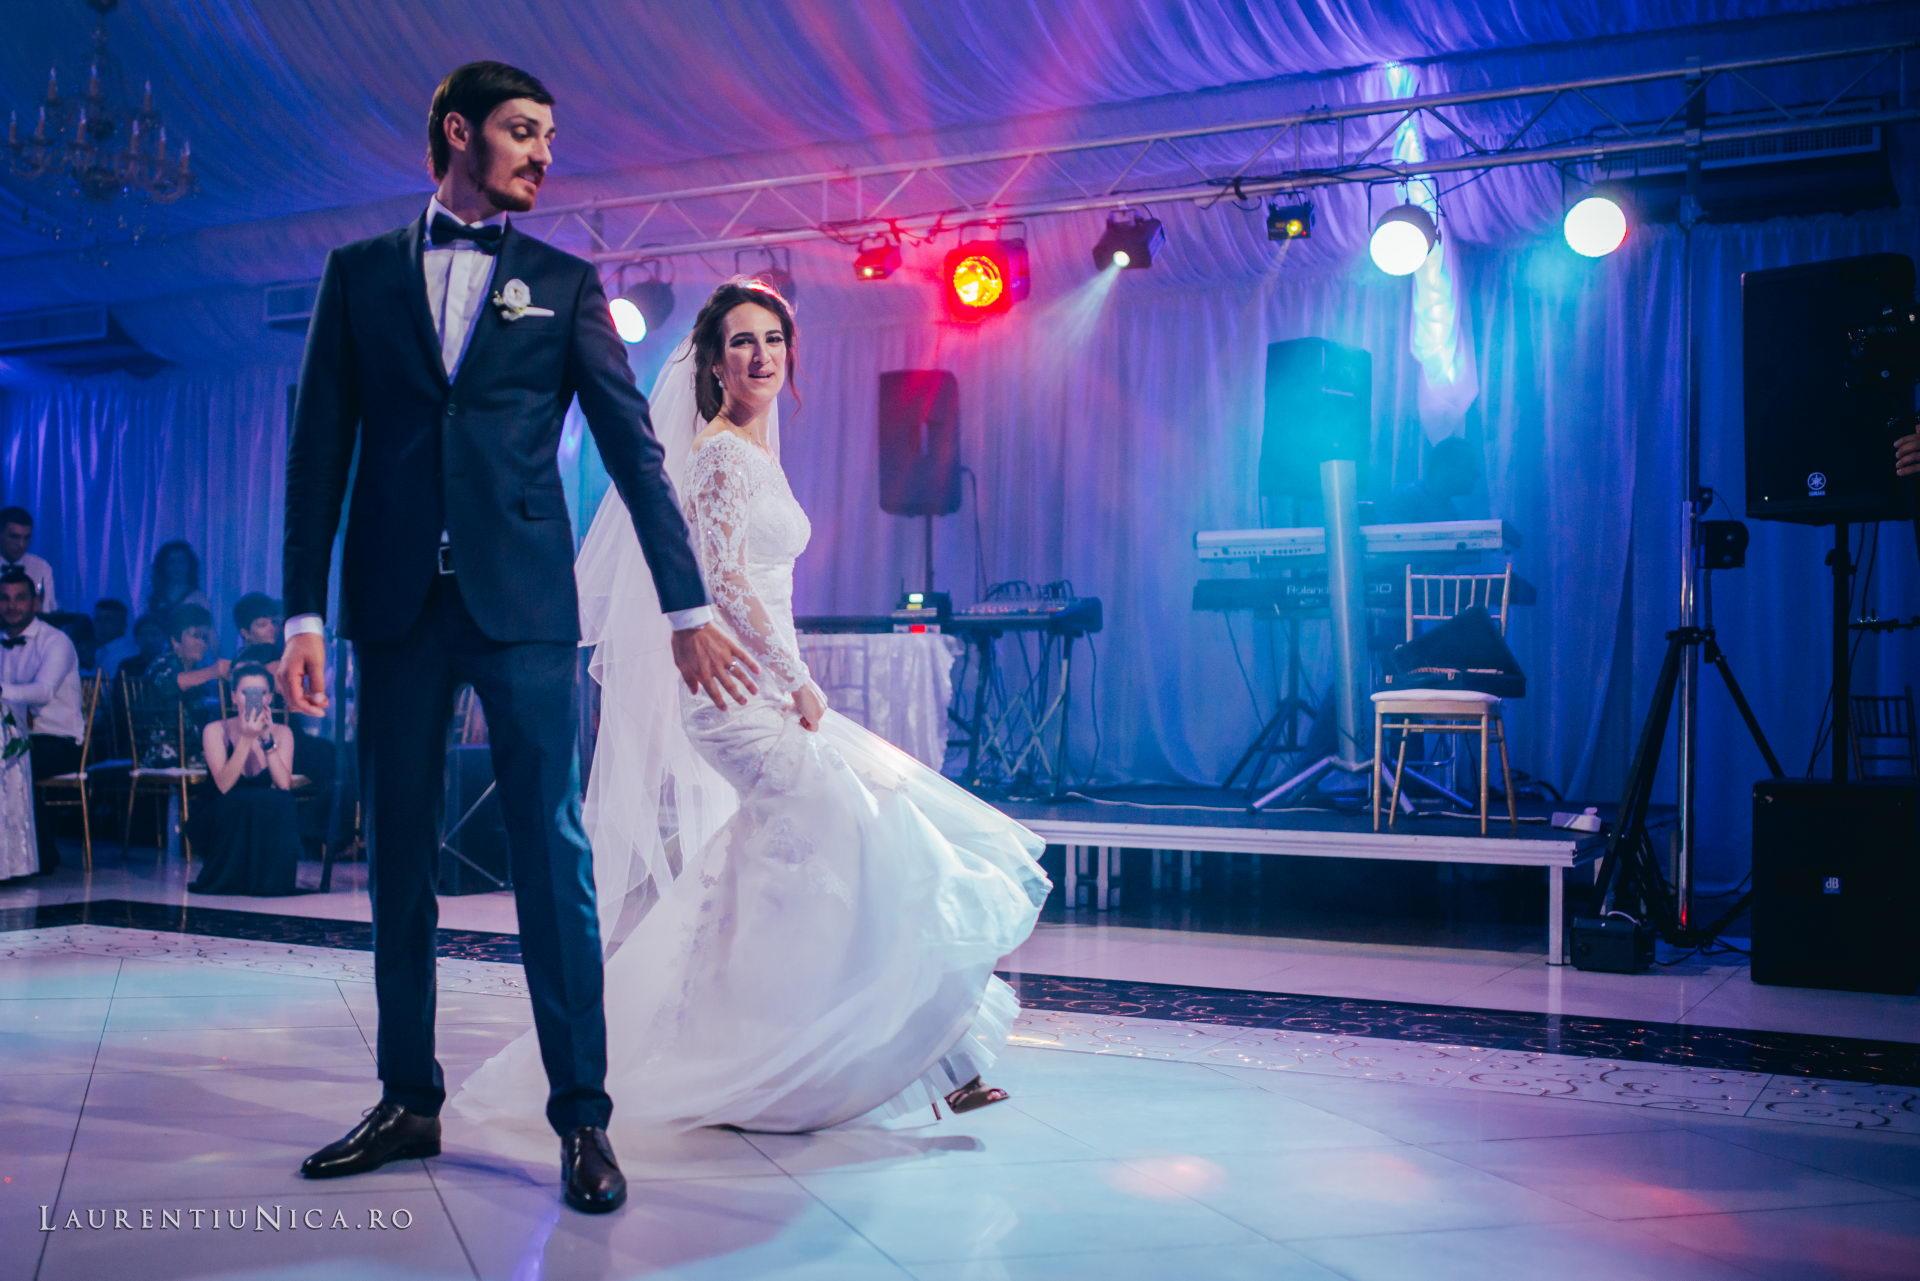 Cristina si Ovidiu nunta Craiova fotograf laurentiu nica 122 - Cristina & Ovidiu | Fotografii nunta | Craiova